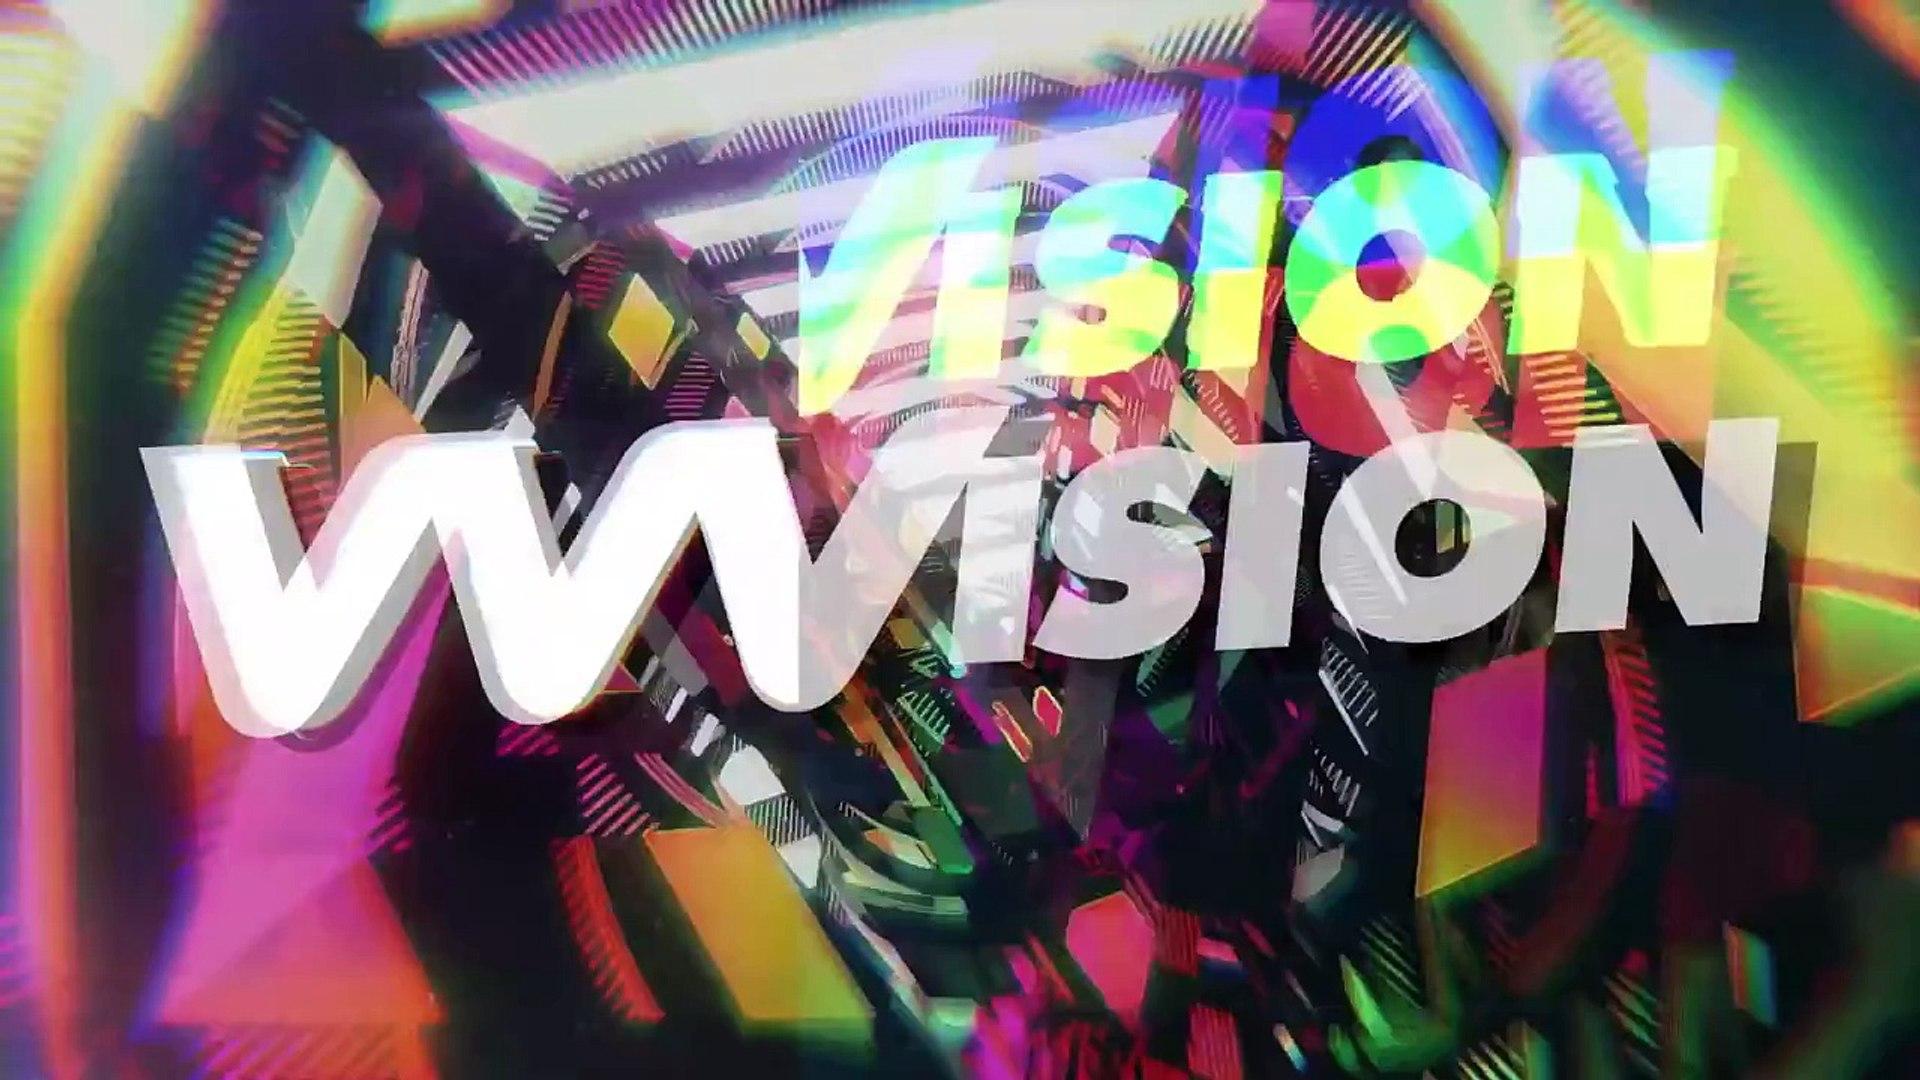 Vevo - VVVision - Secaina Hudson (+ Vic Mensa, AlunaGeorge, Skream, Sam Frank)